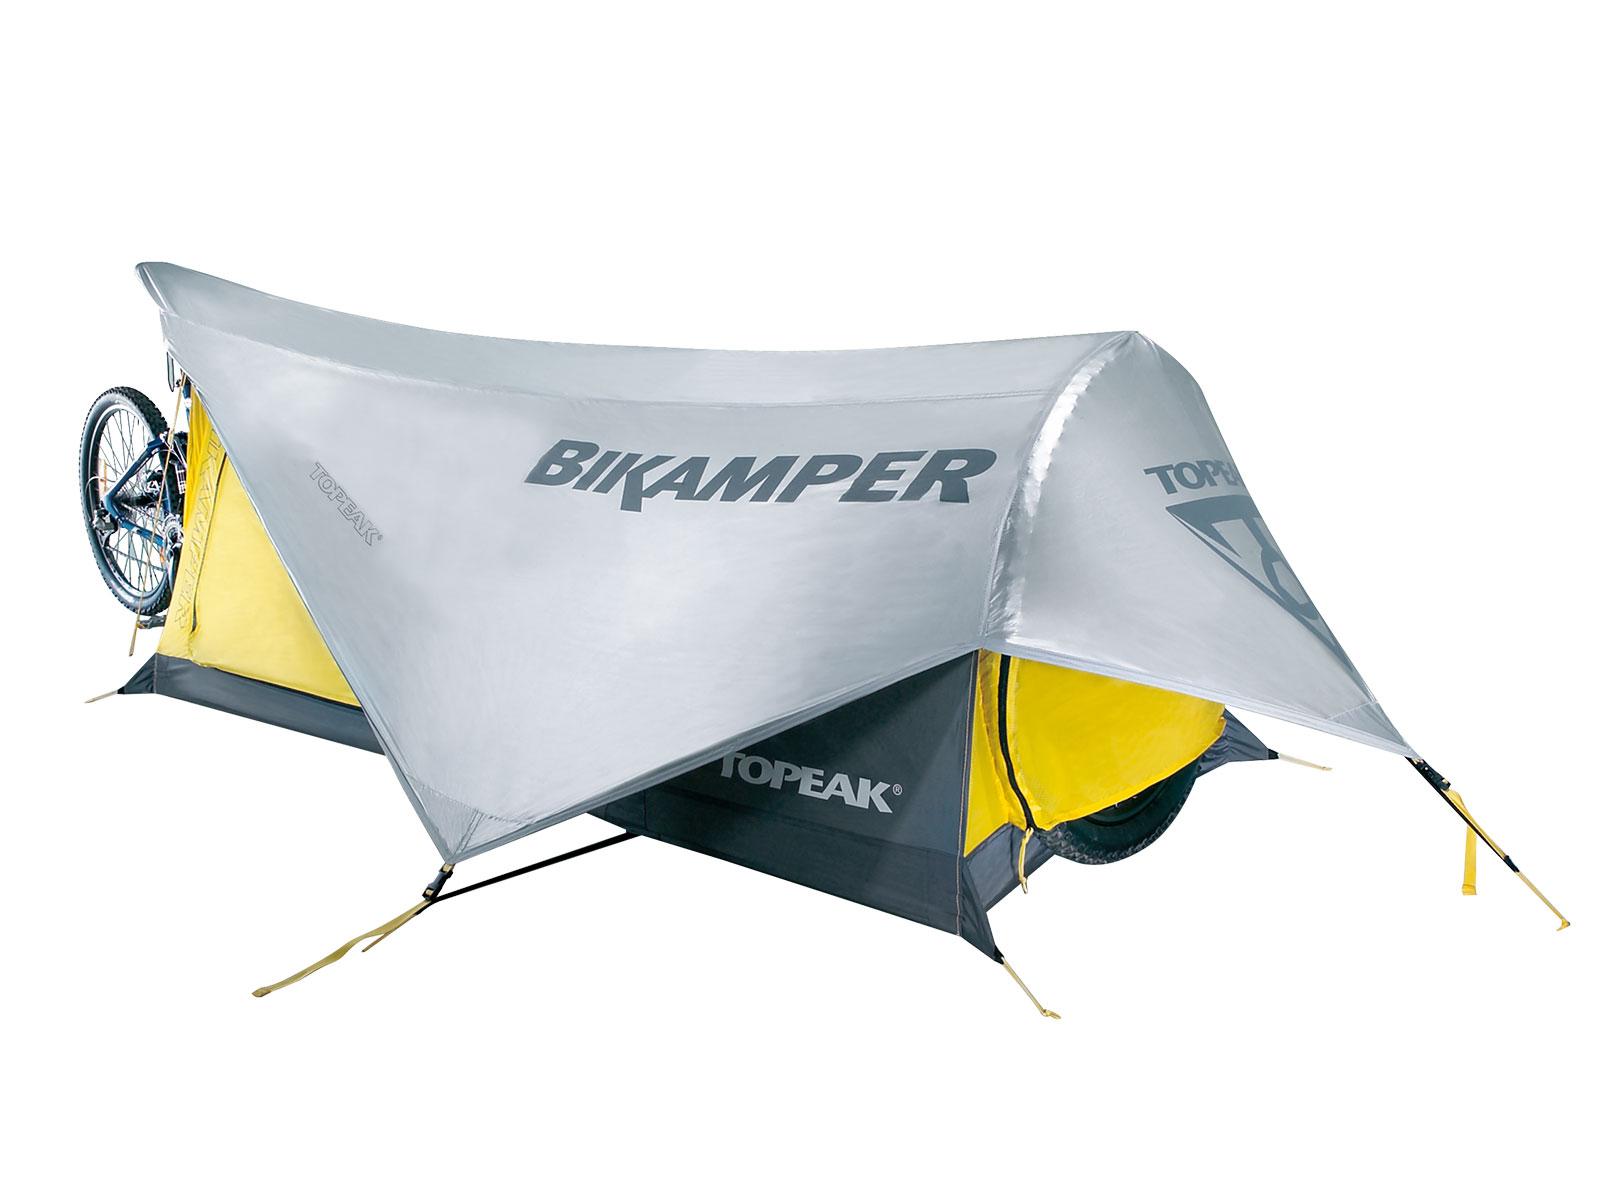 BIKAMPER® | Topeak